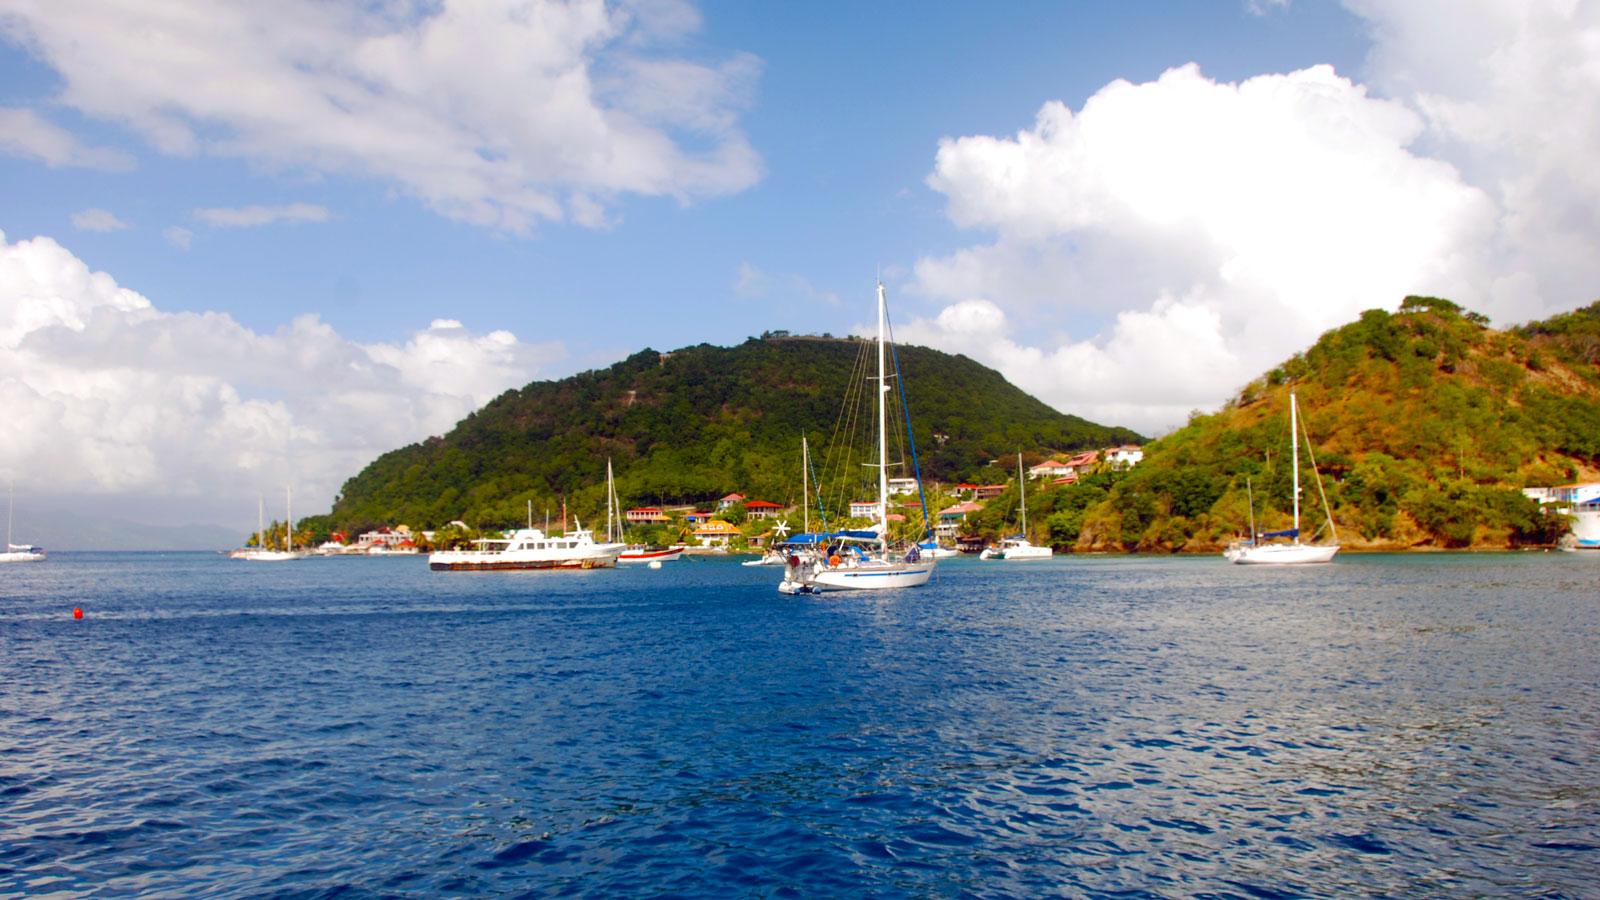 Bild von Anse du Bourg auf Iles des Saintes